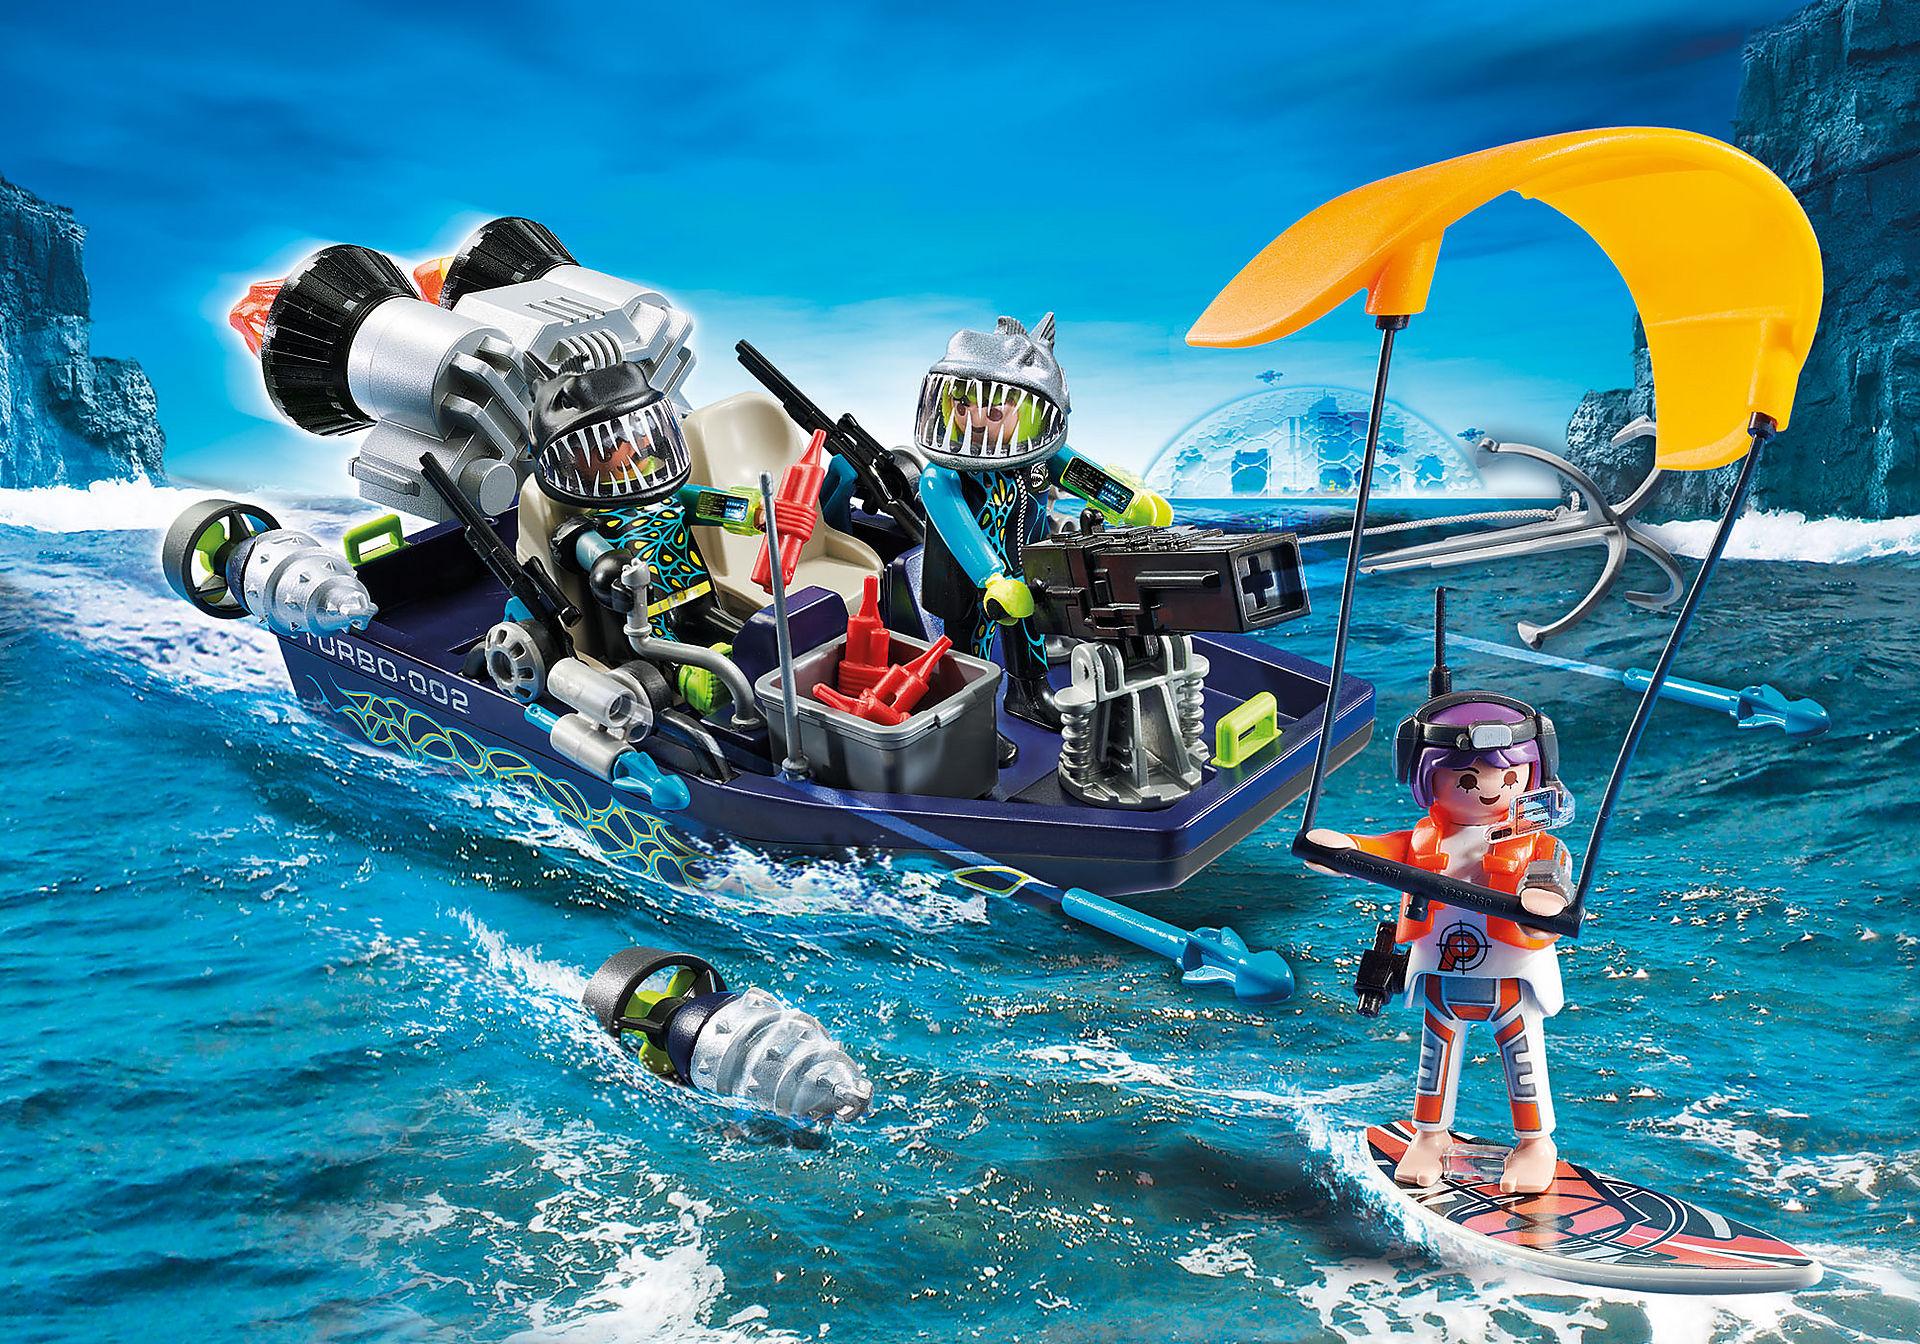 70006 Ταχύπλοο της SHARK Team και Kitesurfer  zoom image1